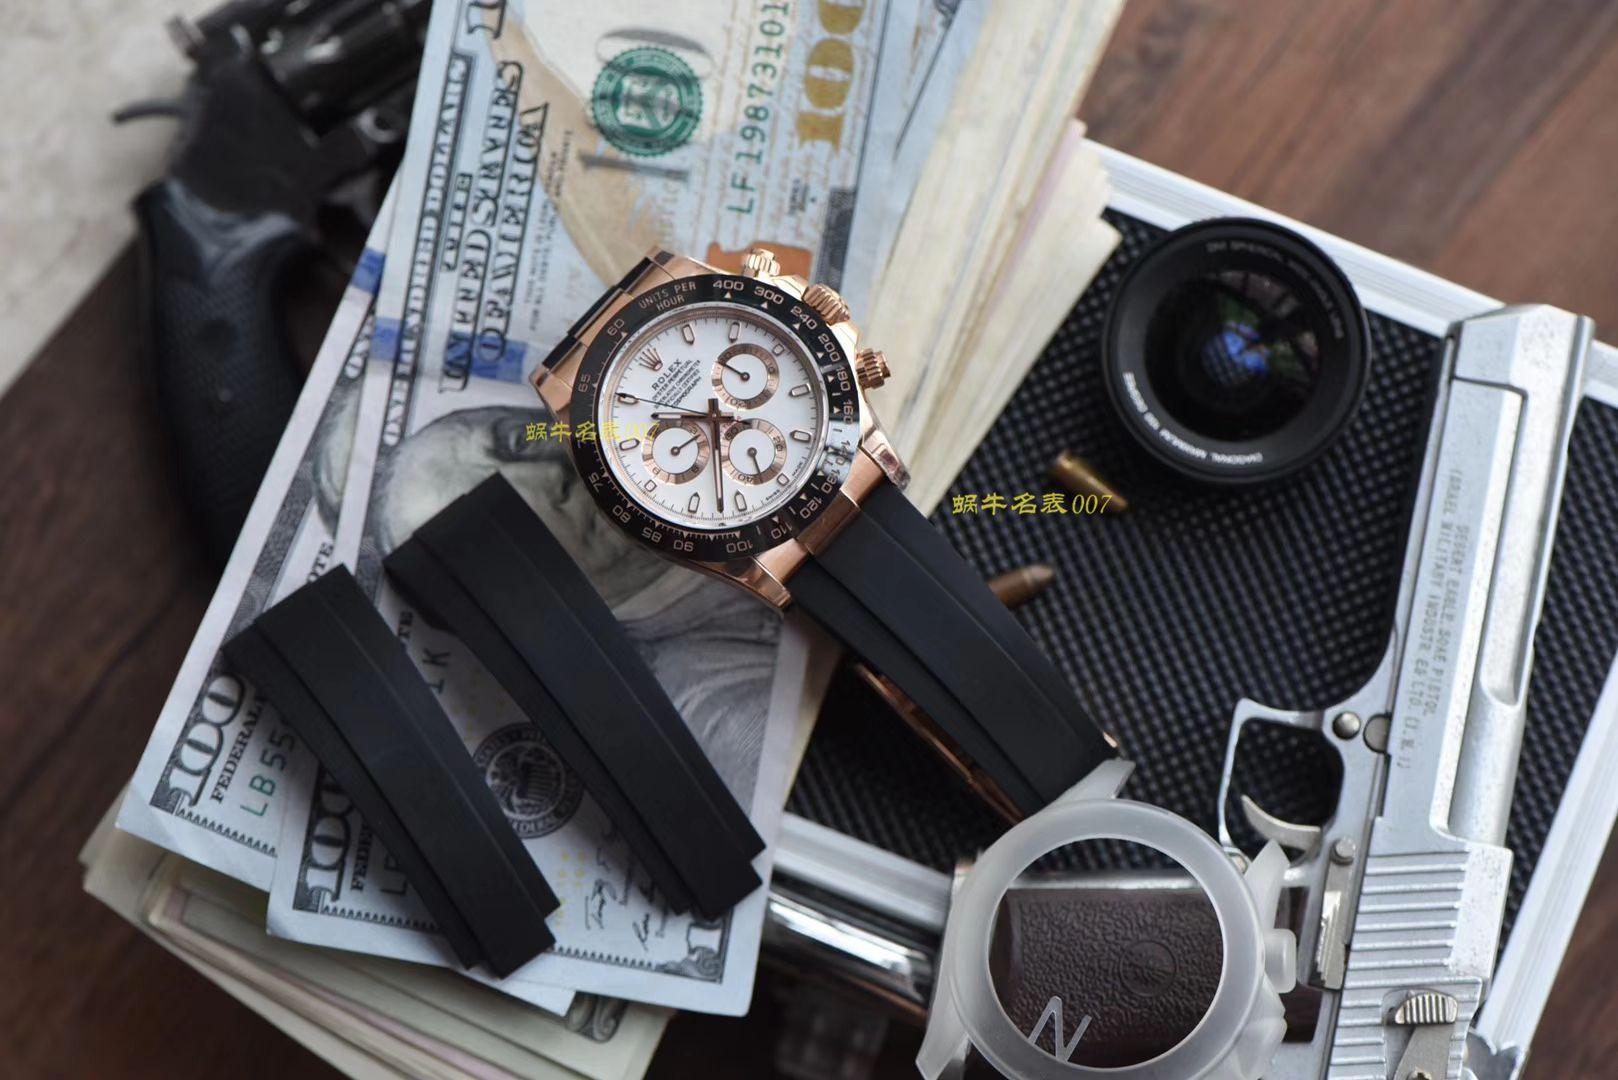 【视频评测N厂超级胶带款4130迪通拿】一比一复刻Rolex劳力士宇宙计型迪通拿系列M116515ln-0019腕表